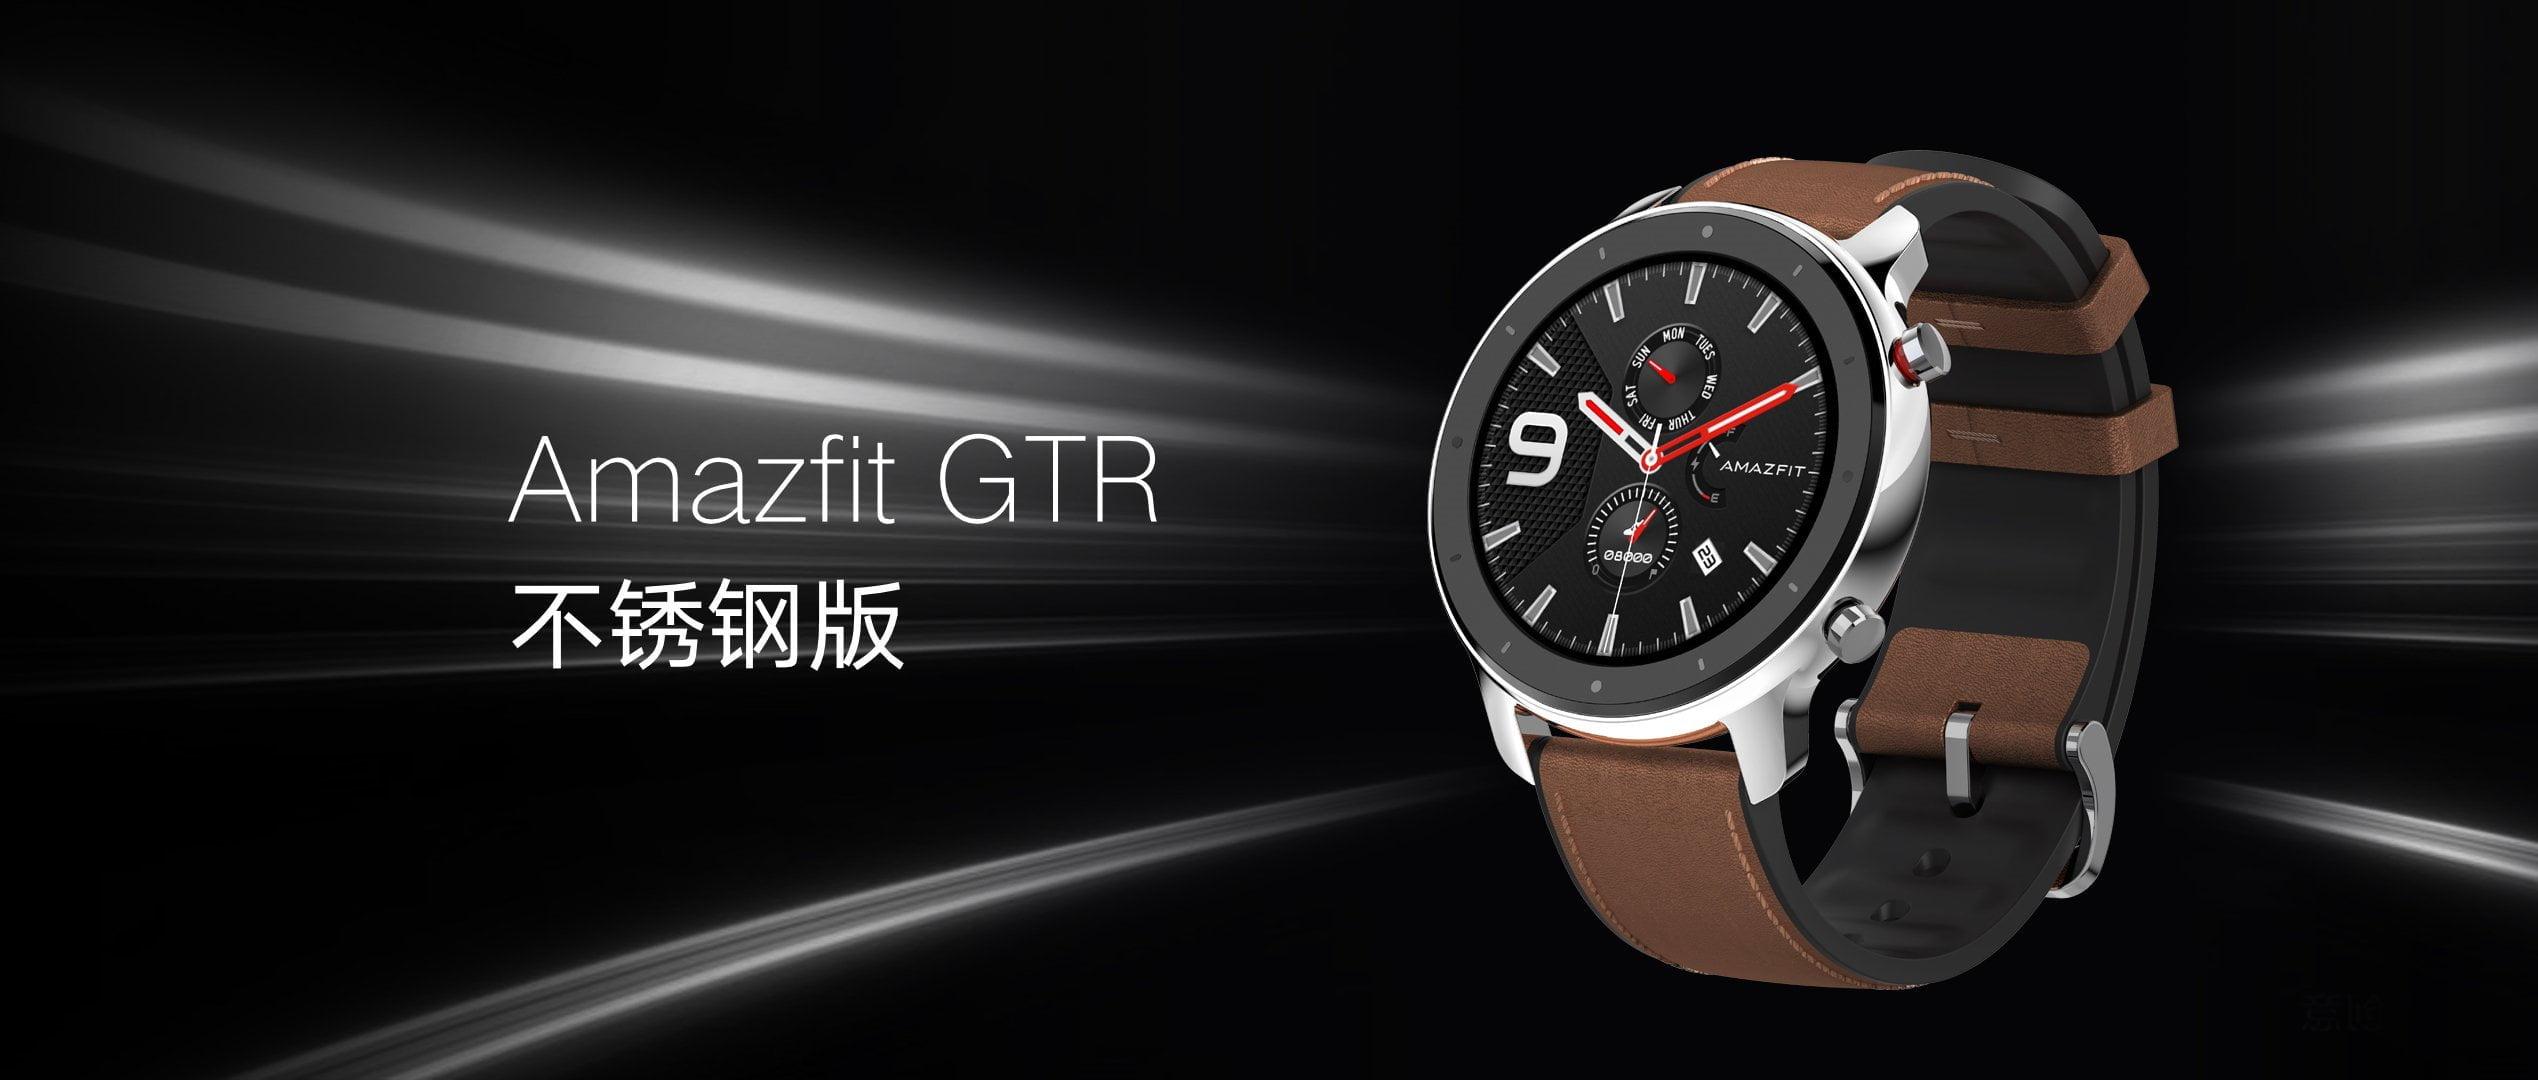 Amazfit GTR-